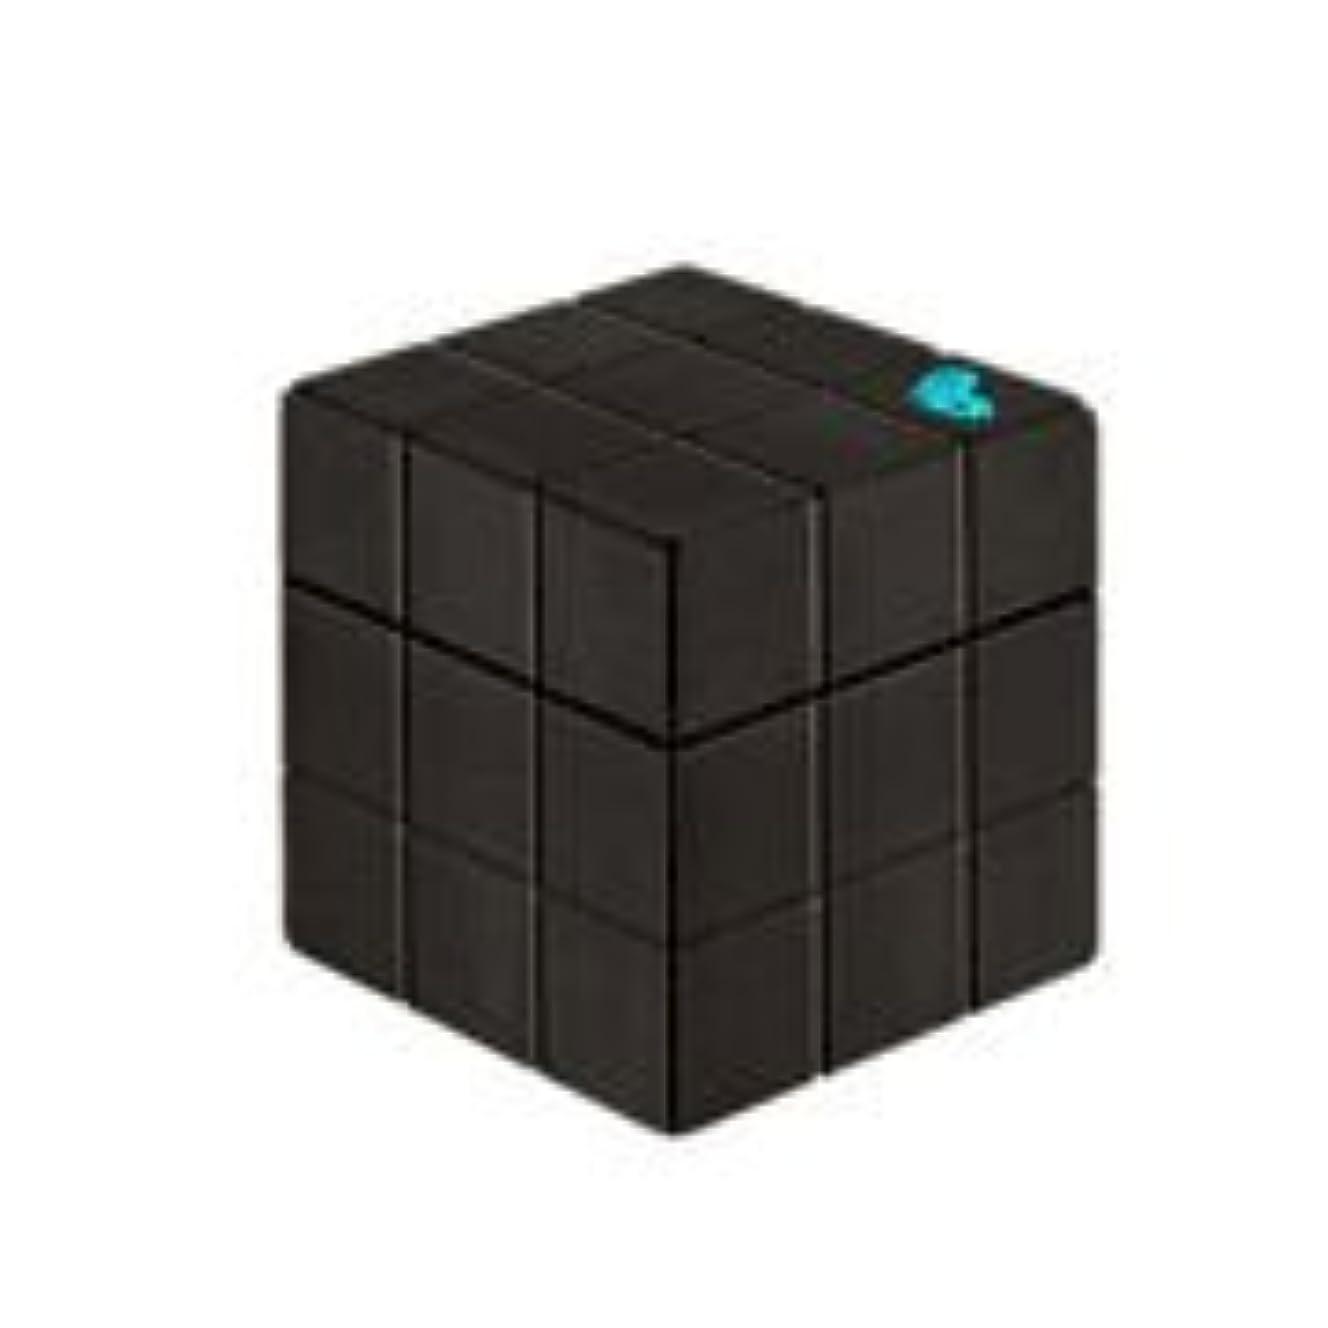 可能なので青【X3個セット】 アリミノ ピース プロデザインシリーズ フリーズキープワックス ブラック 80g